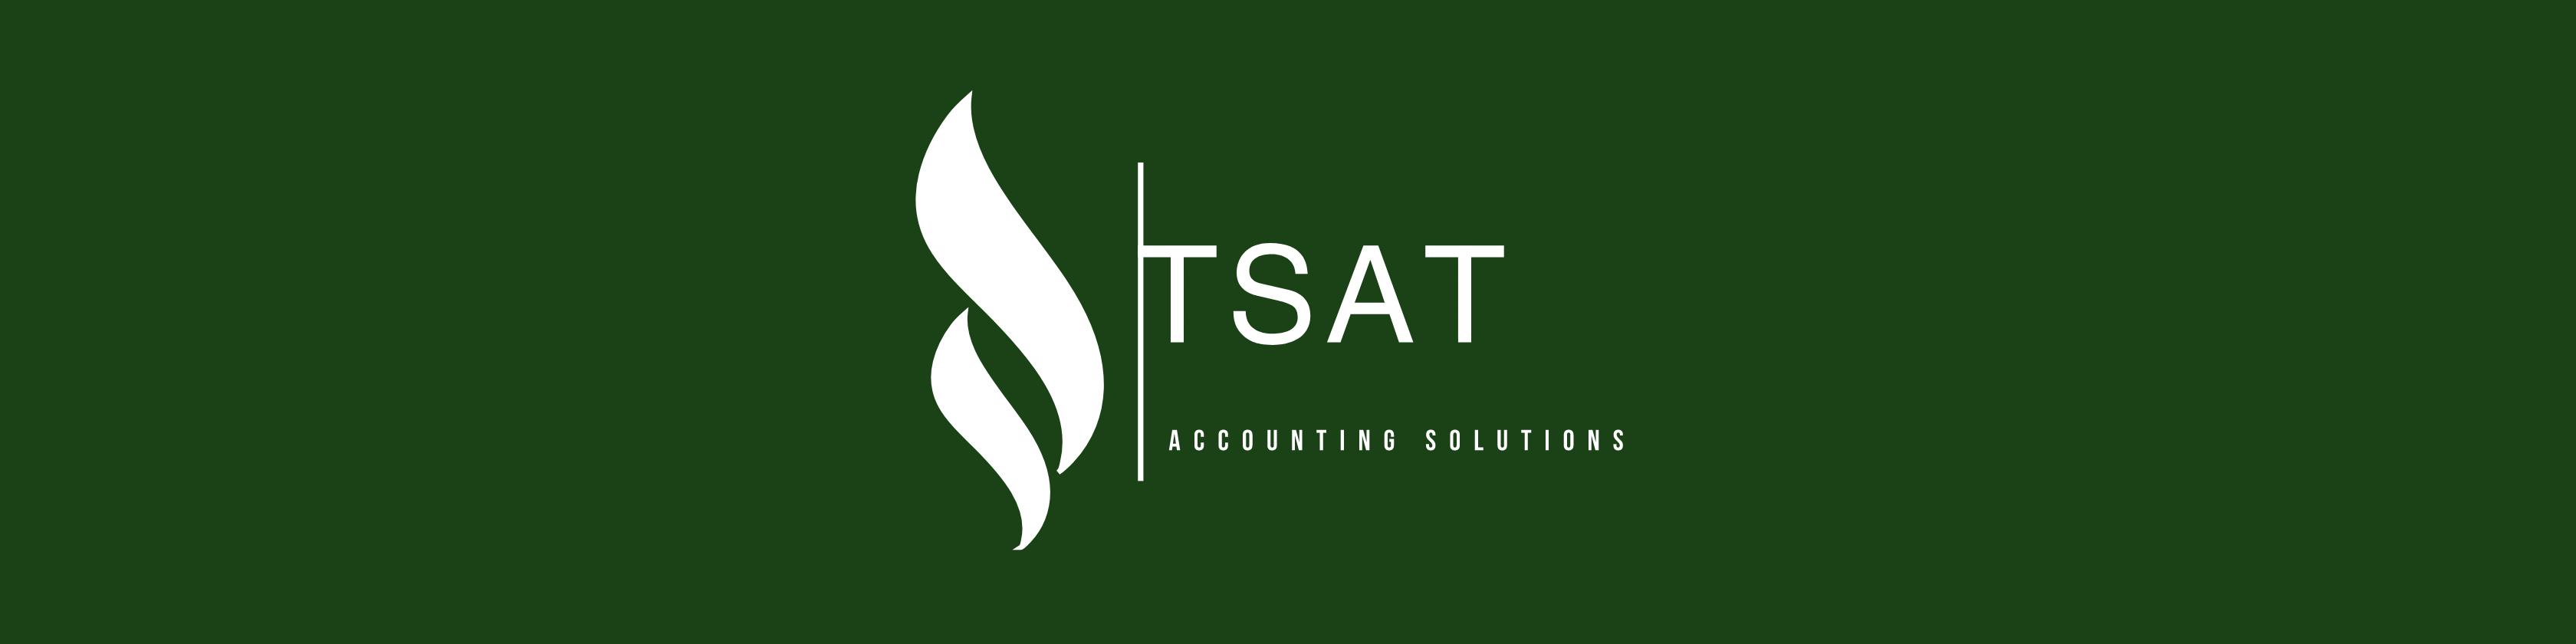 TSAT Logo